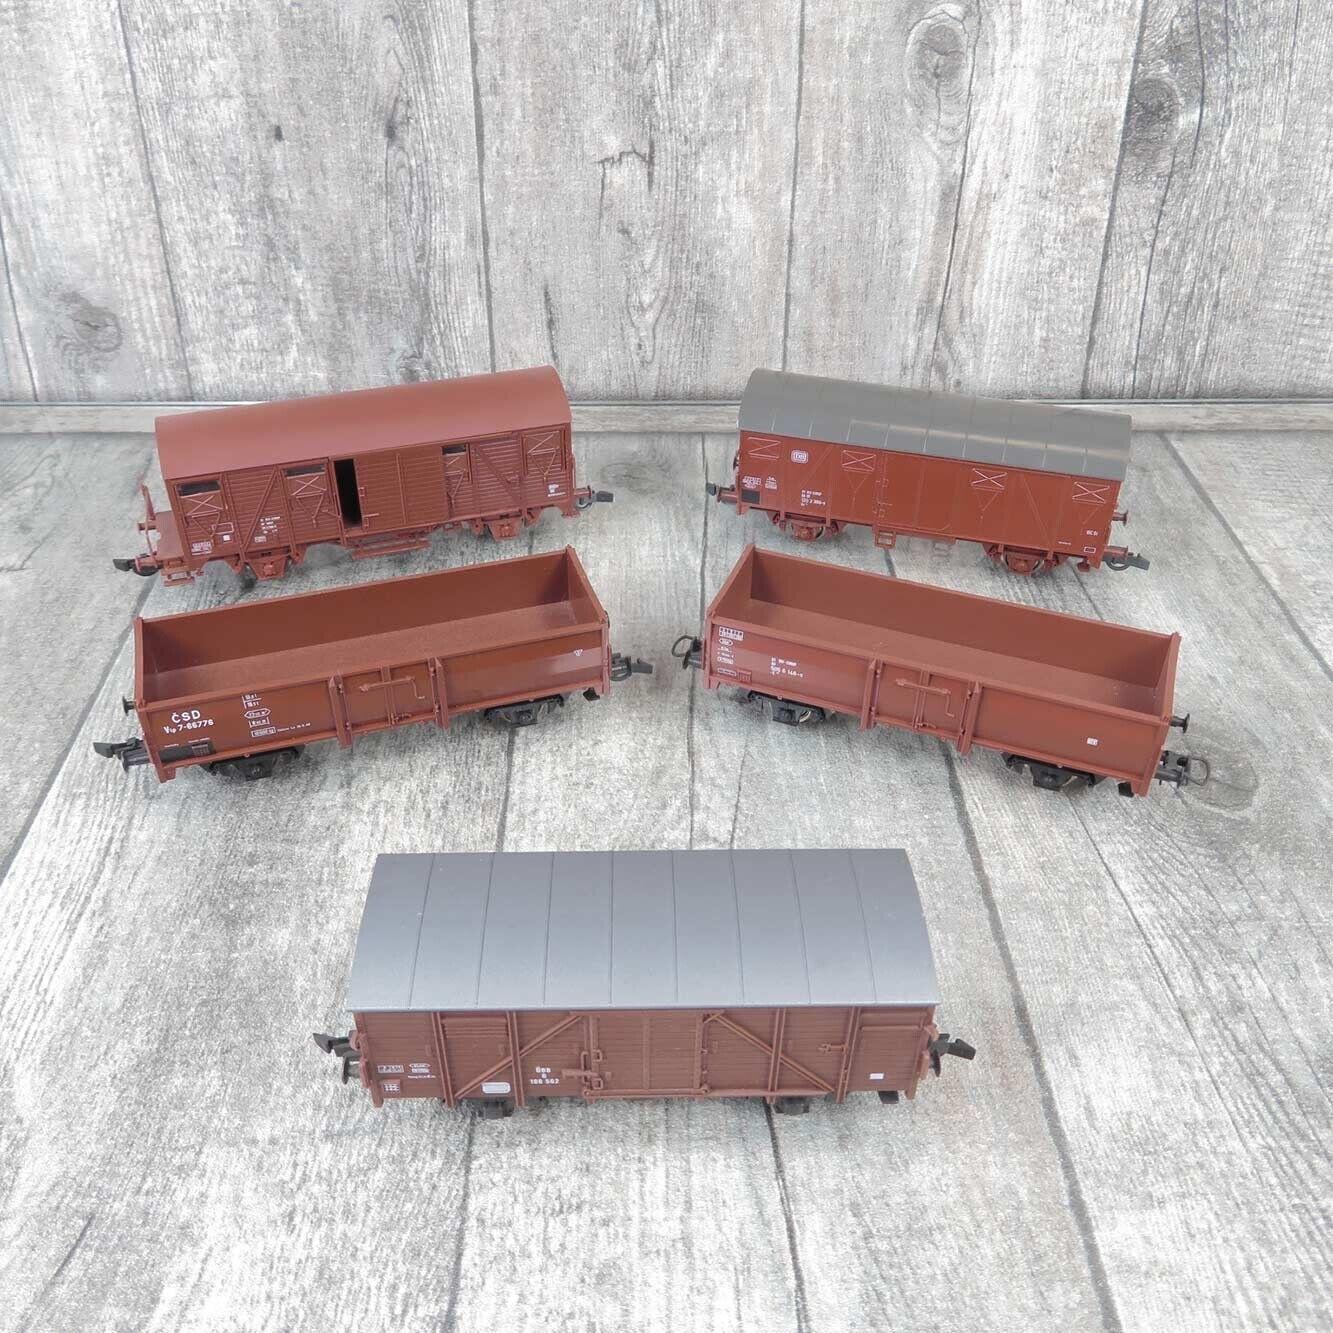 ROCO - H0 - 5 tlg. Konvolut - Güterwagen - SNCF, DB, ÖBB -  Aa25941